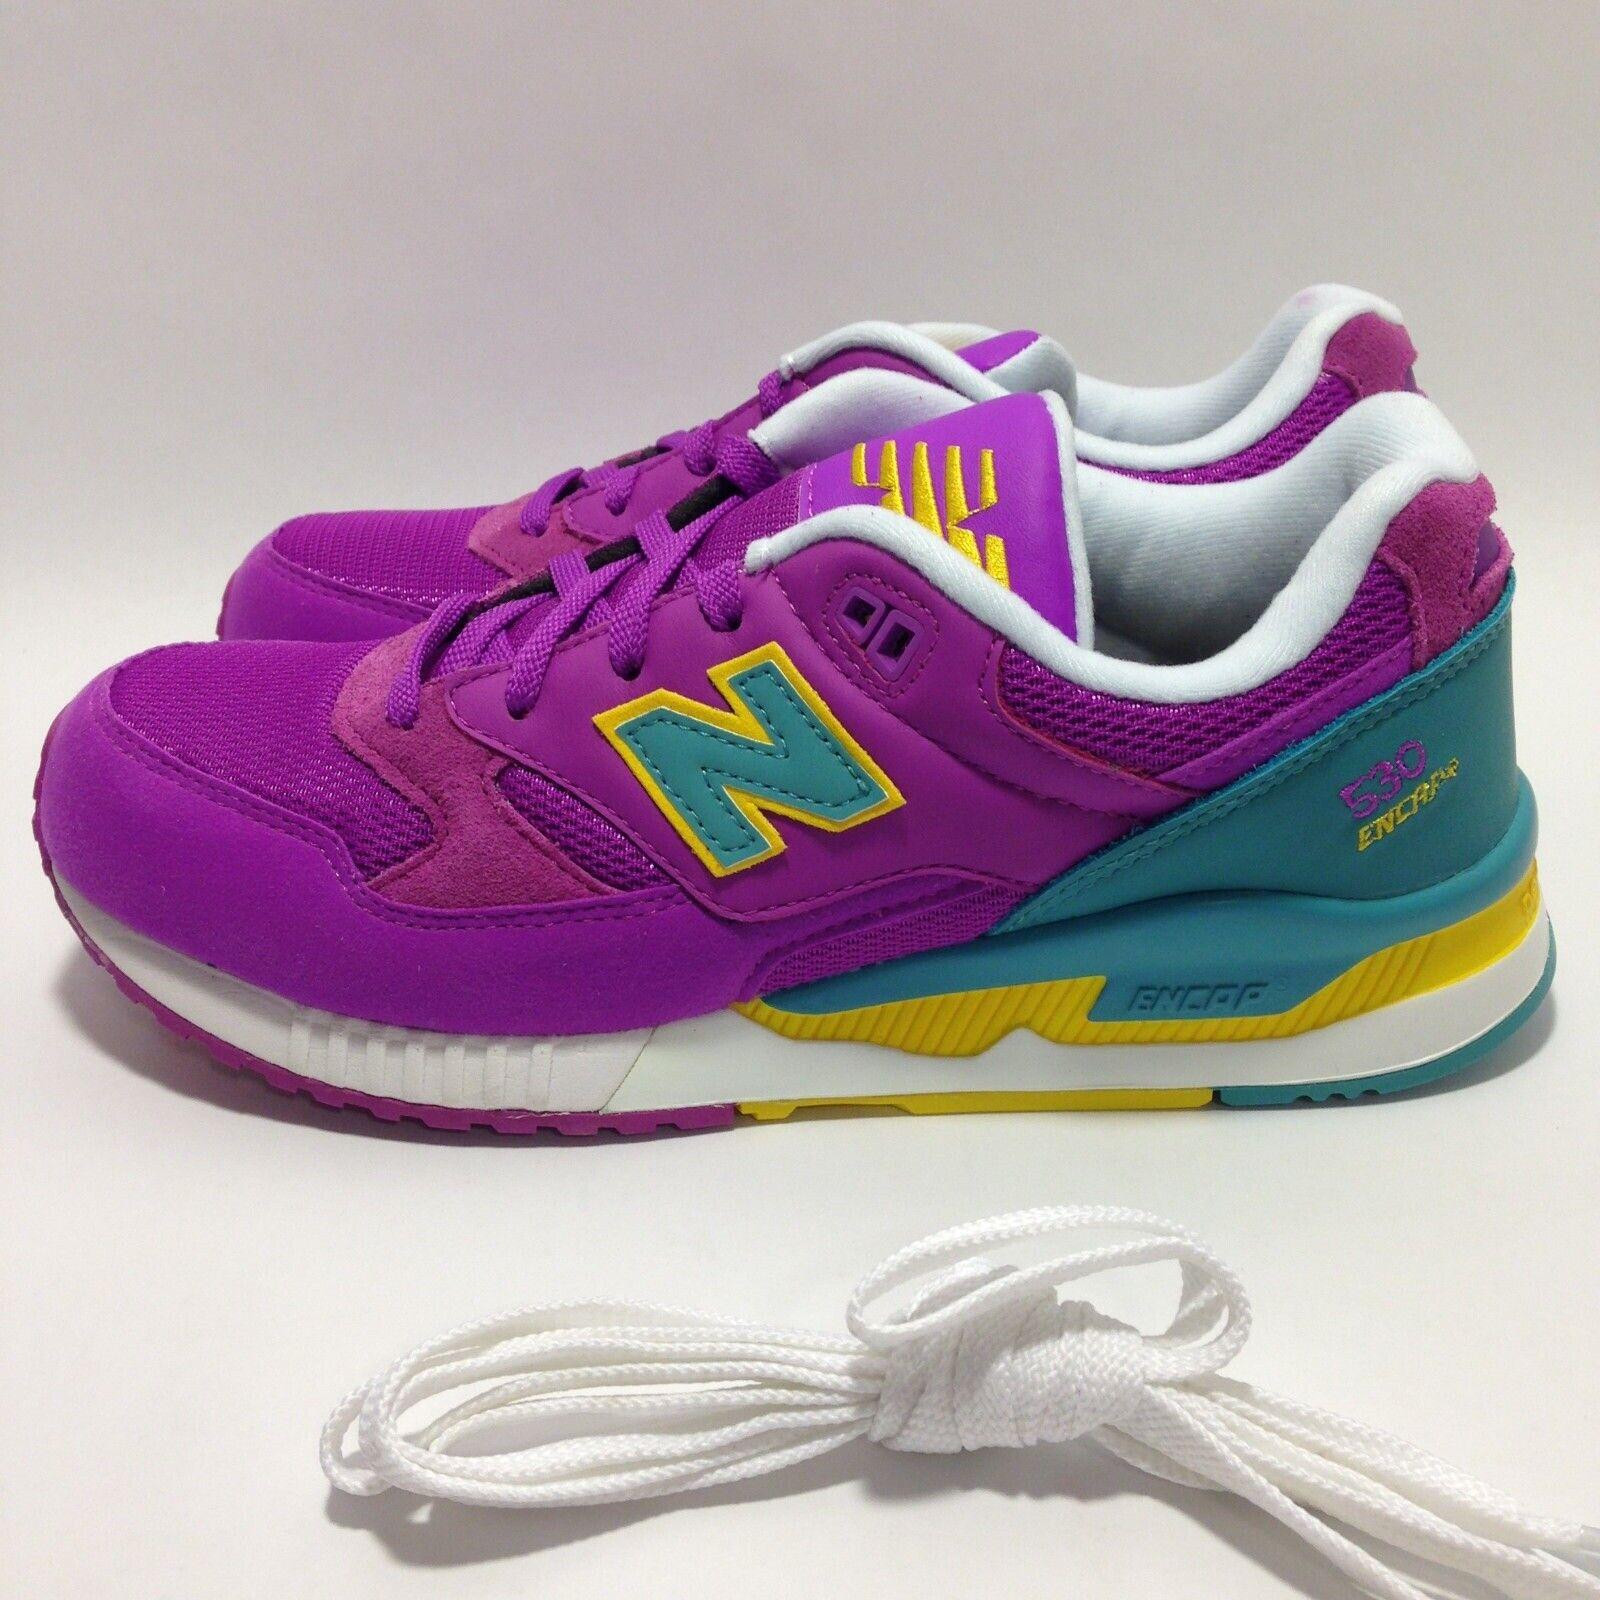 balance New 530 correr para zapatos mujer para azul púrpura